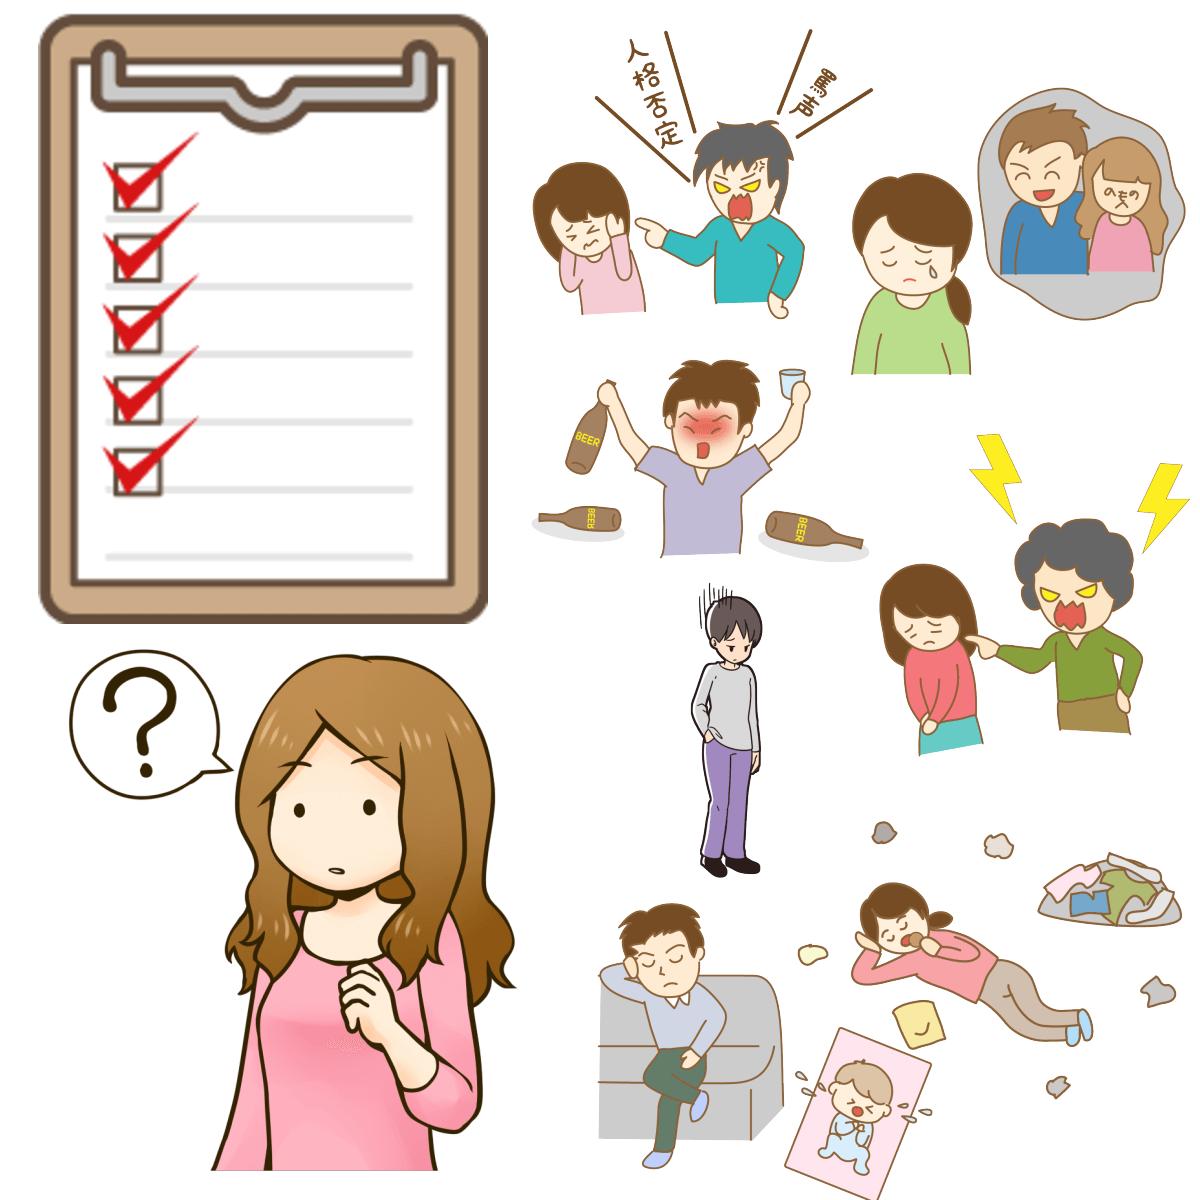 人間関係、家族、アルコール依存、子育て、恋愛、結婚などアダルトチルドレン問題や特徴をチェックしているイメージ